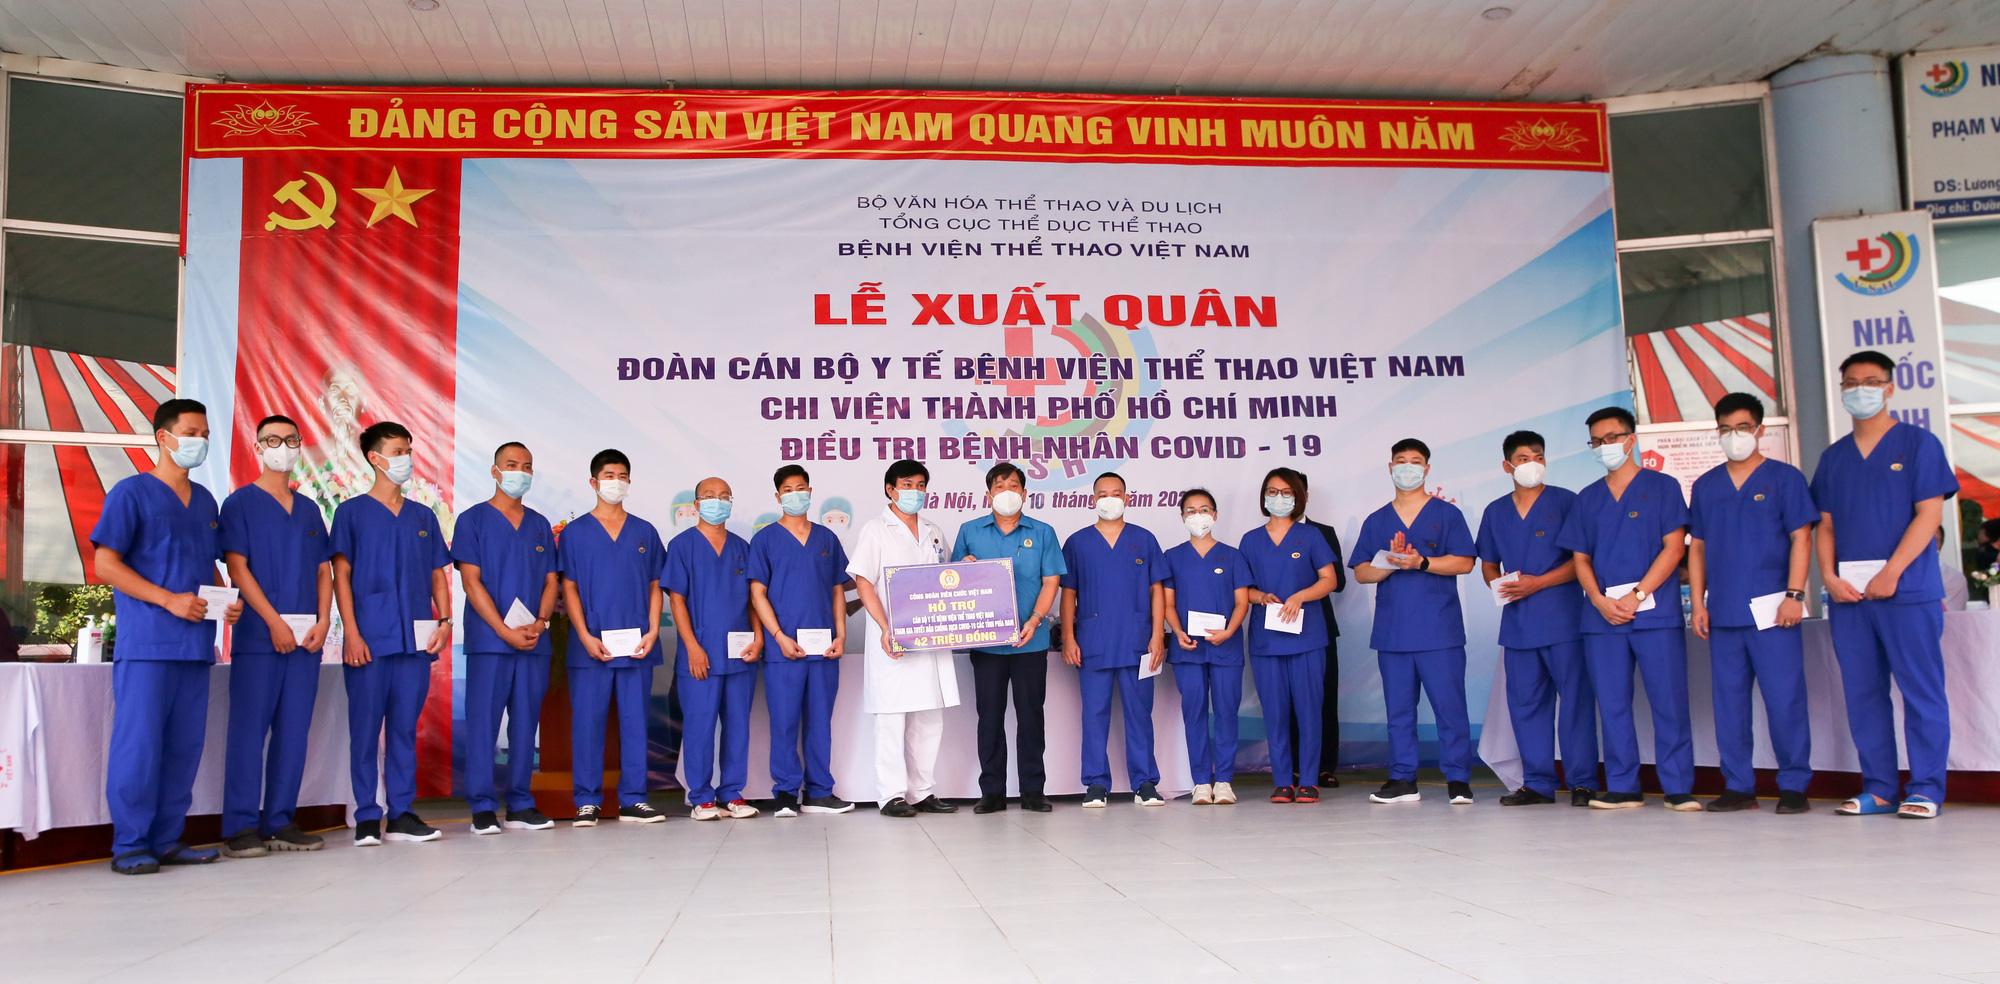 Bệnh viên Thể thao Việt Nam xuất quân tăng cường lực lượng vào miền Nam chống dịch - Ảnh 9.